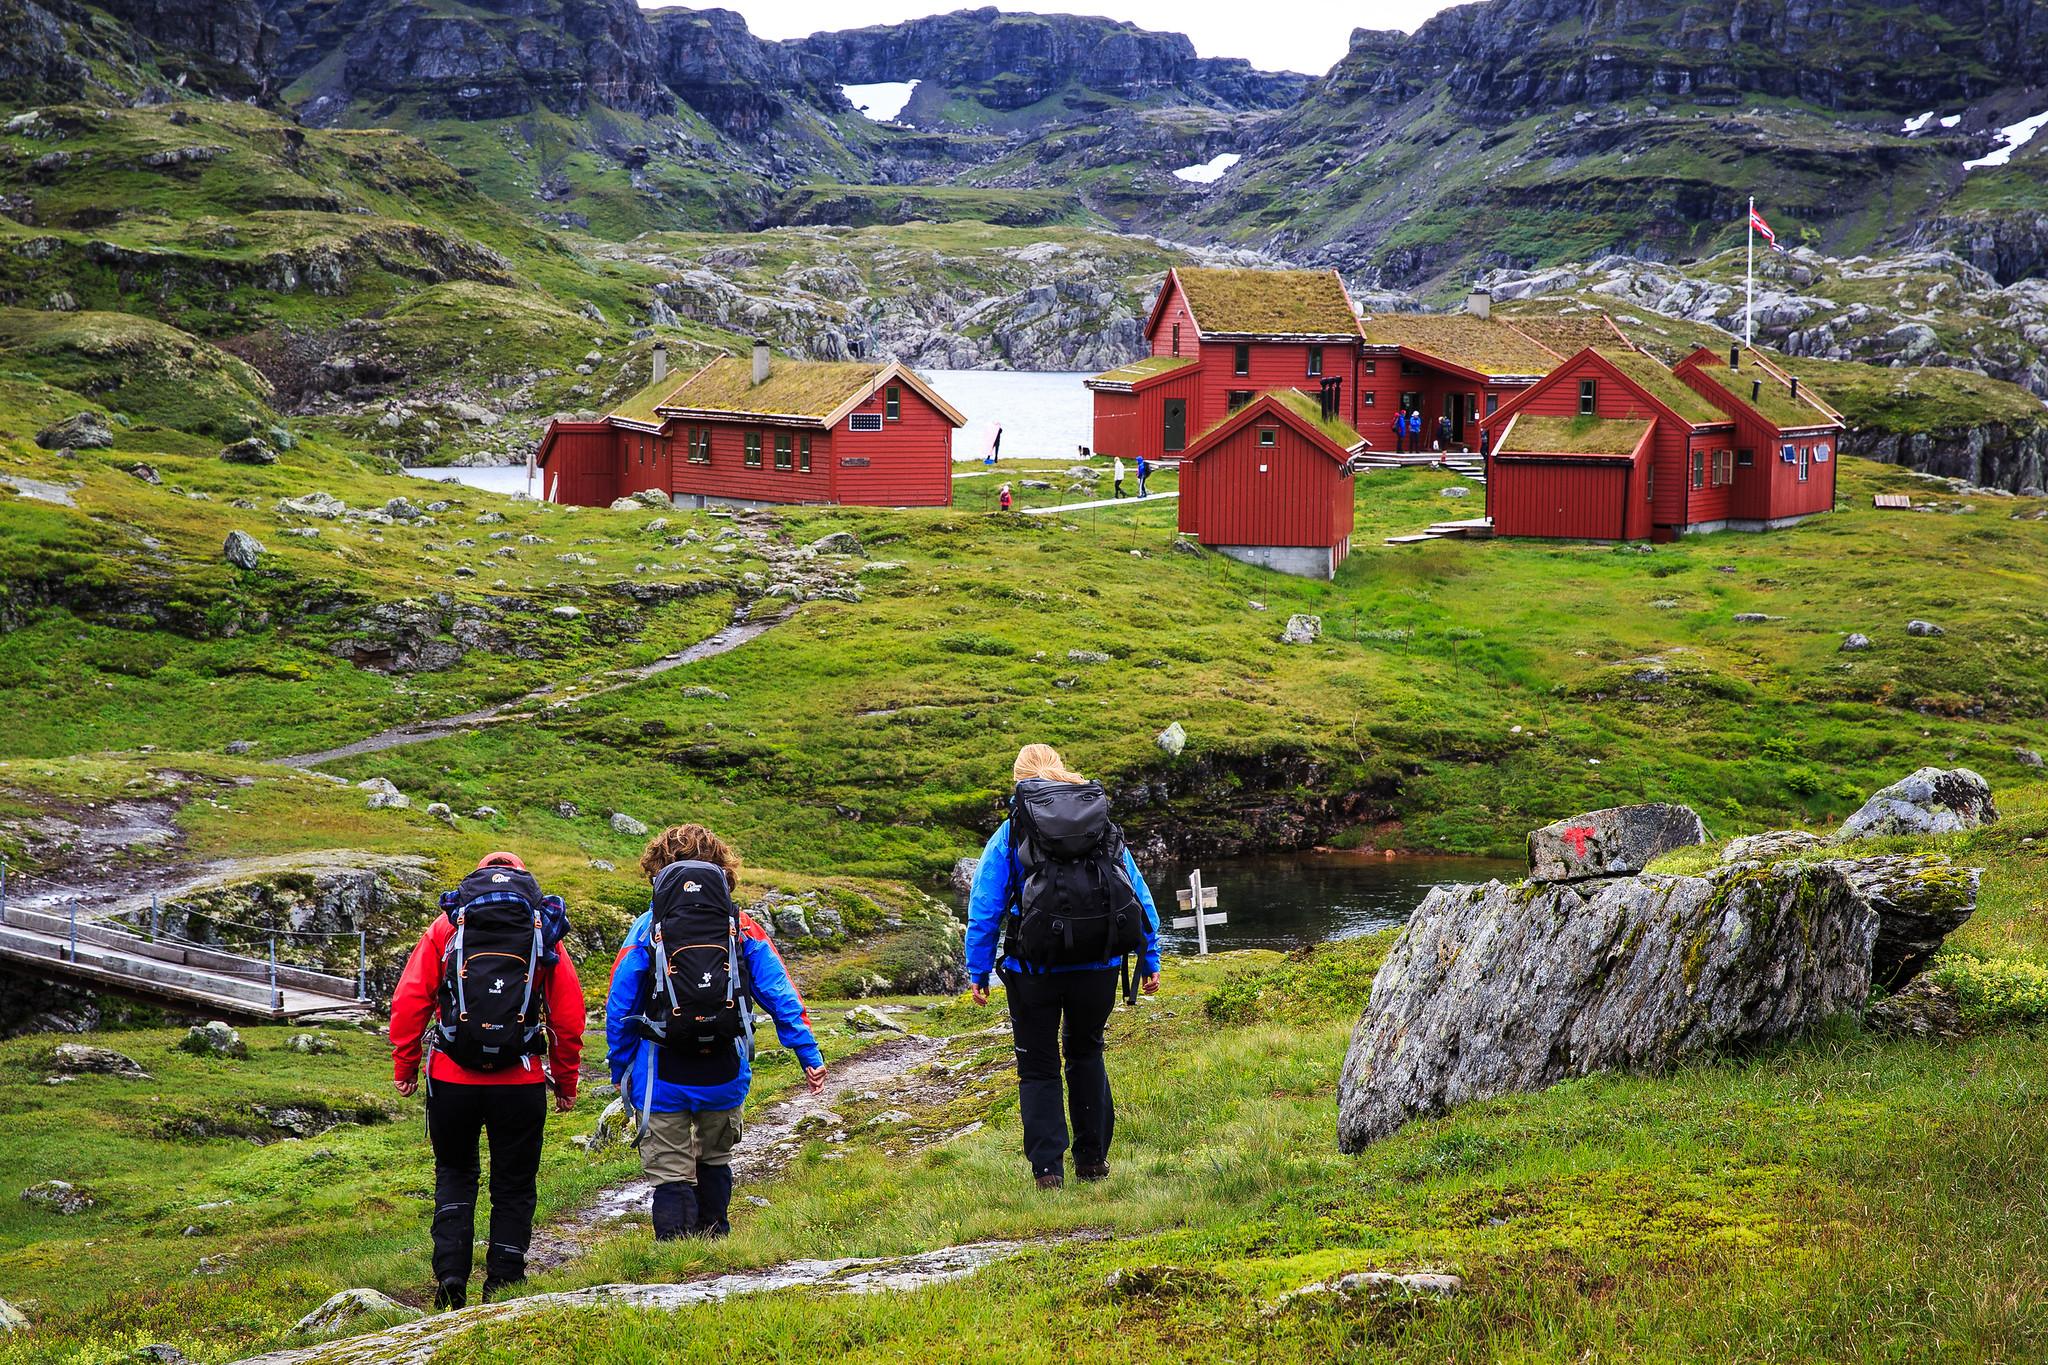 Stranddalen Turisthytte. Foto: Marius Vervik